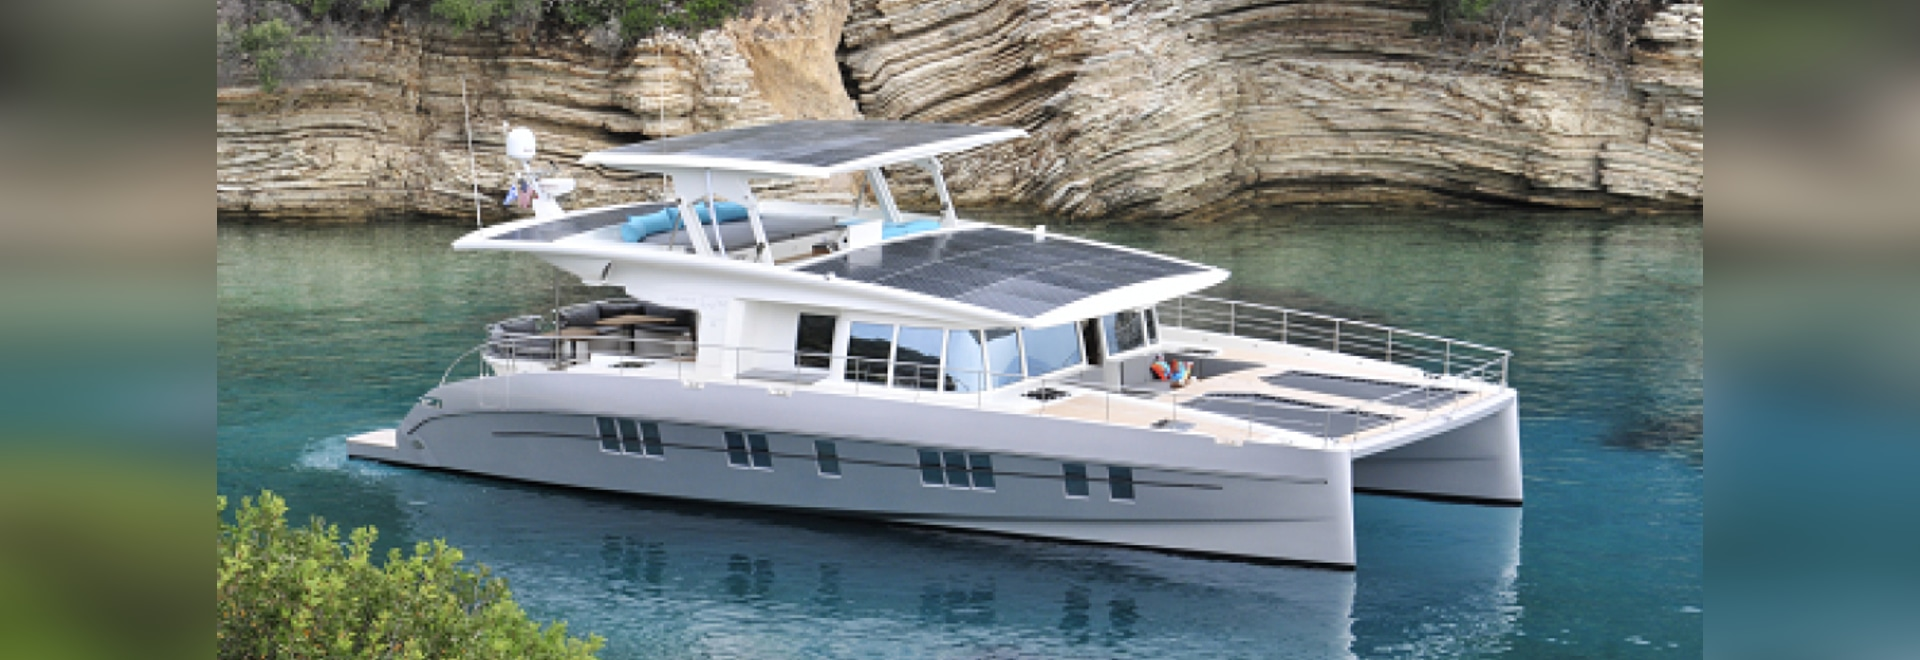 Le nouveau Solarwave 64 (courtoisie des yachts de Solarwave)